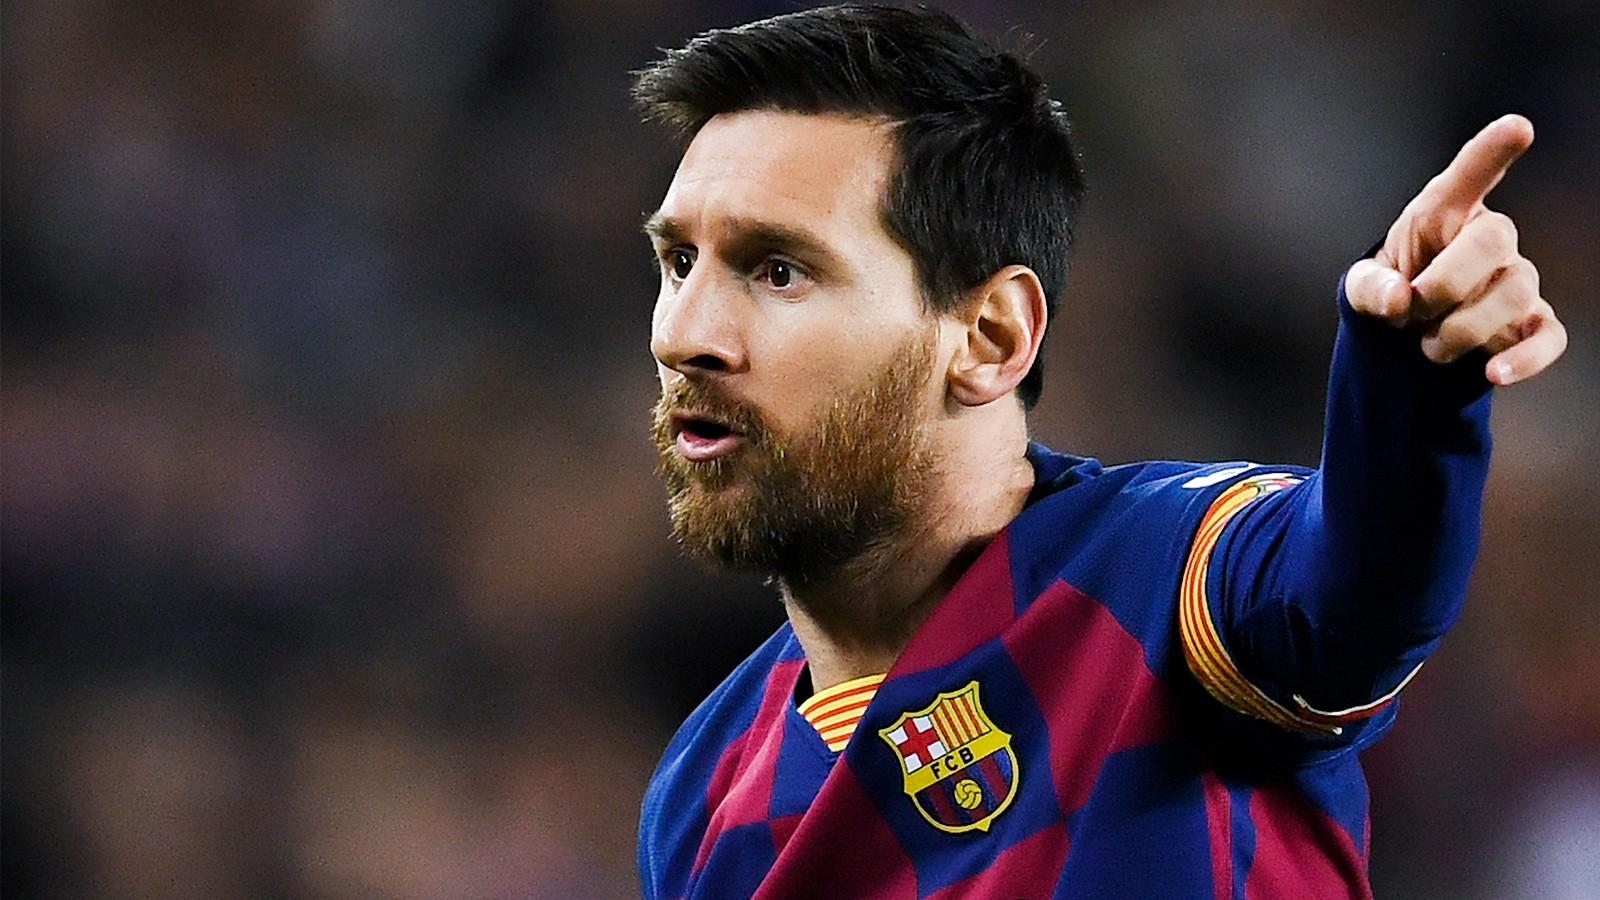 ФК «Барселона» объявил об уходе Лионеля Месси